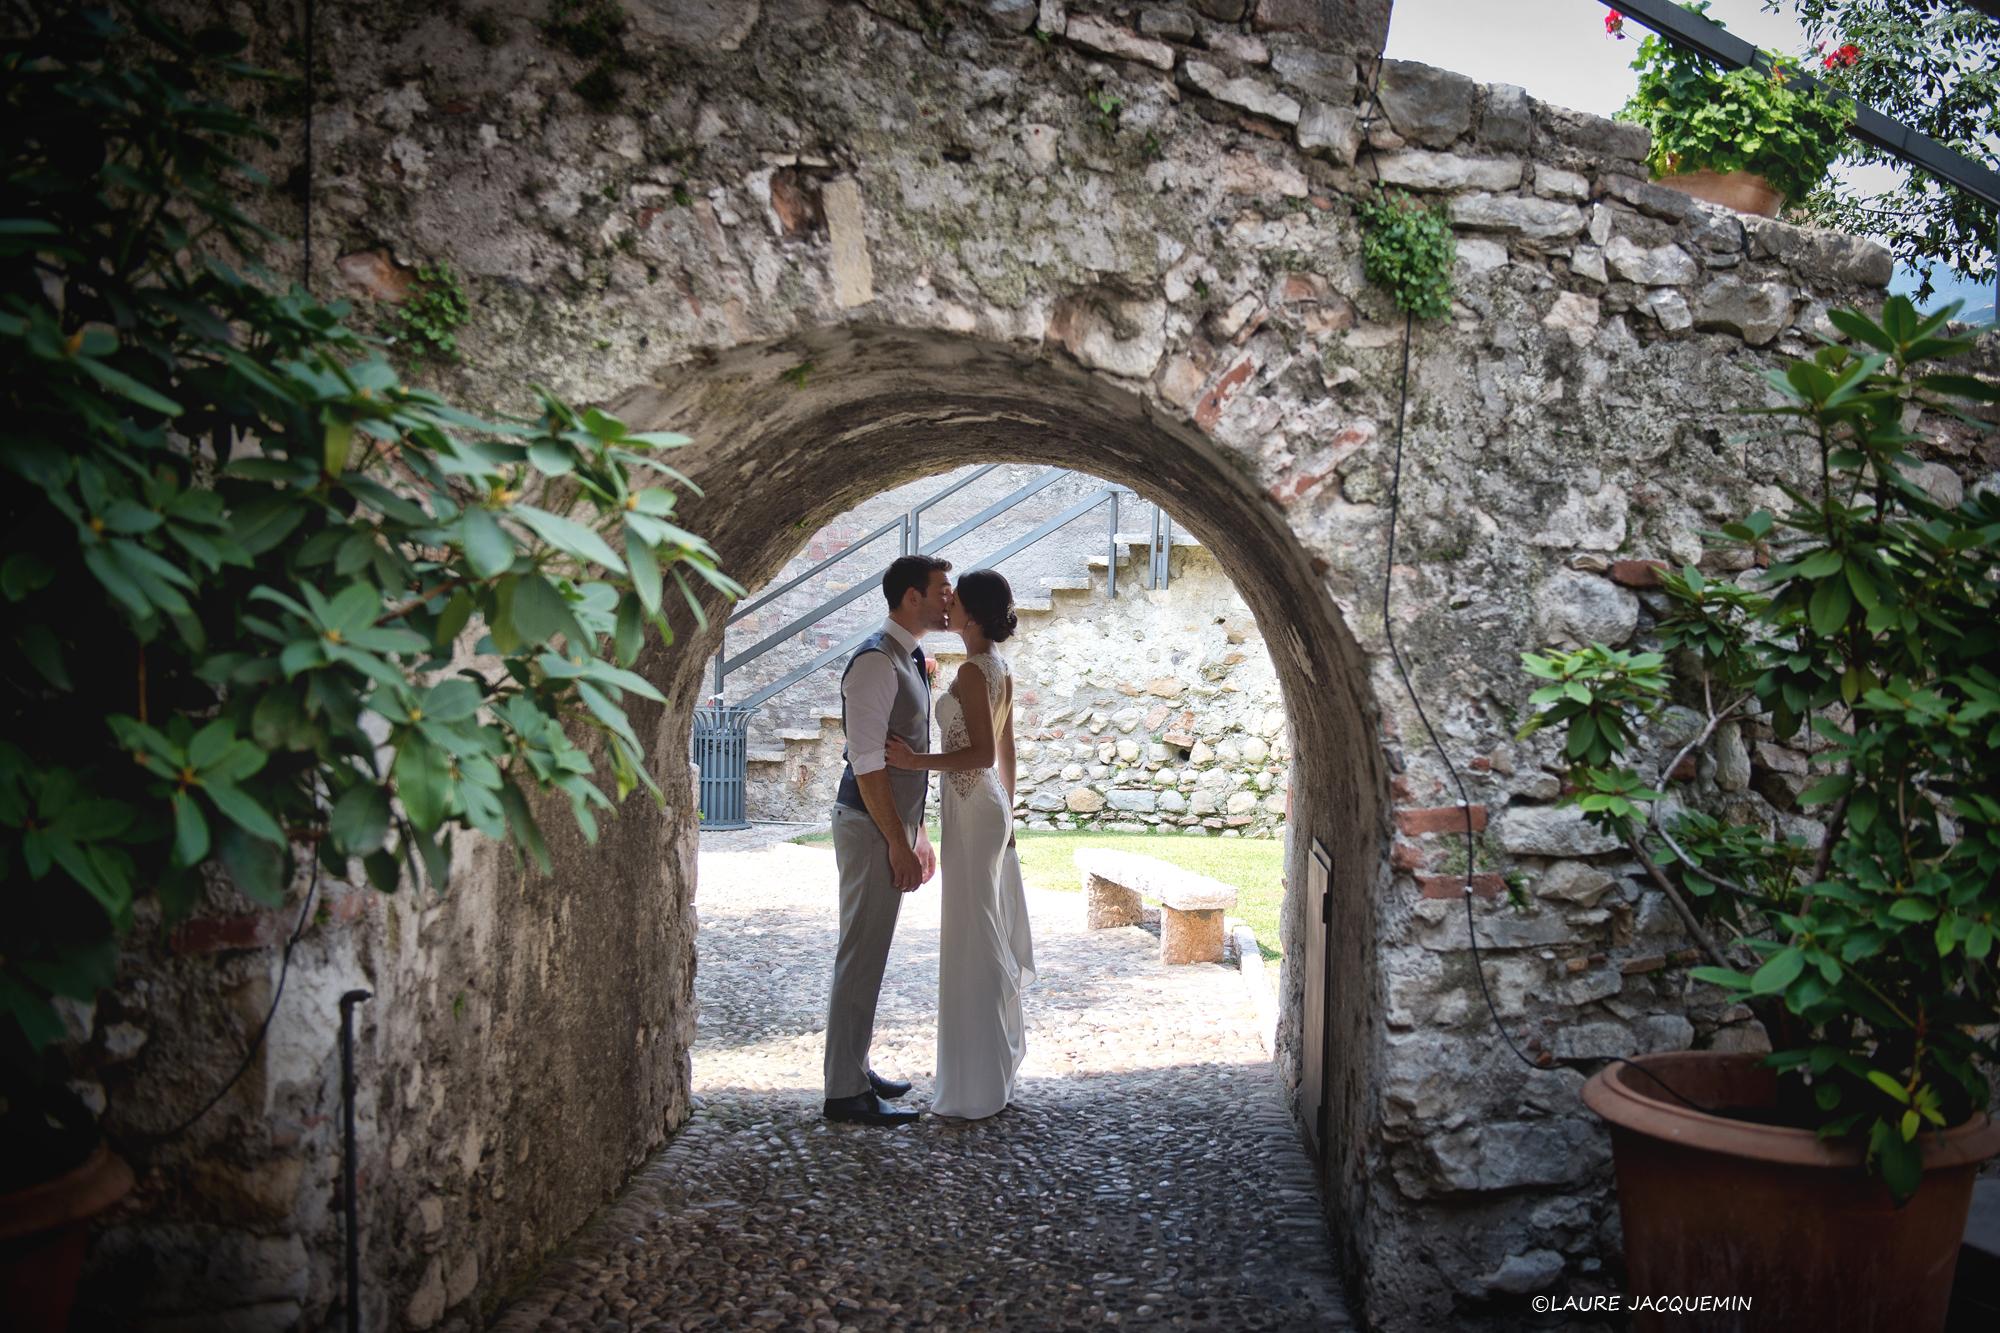 lac de Garde italie venise mariage photographe laure Jacquemin (190)